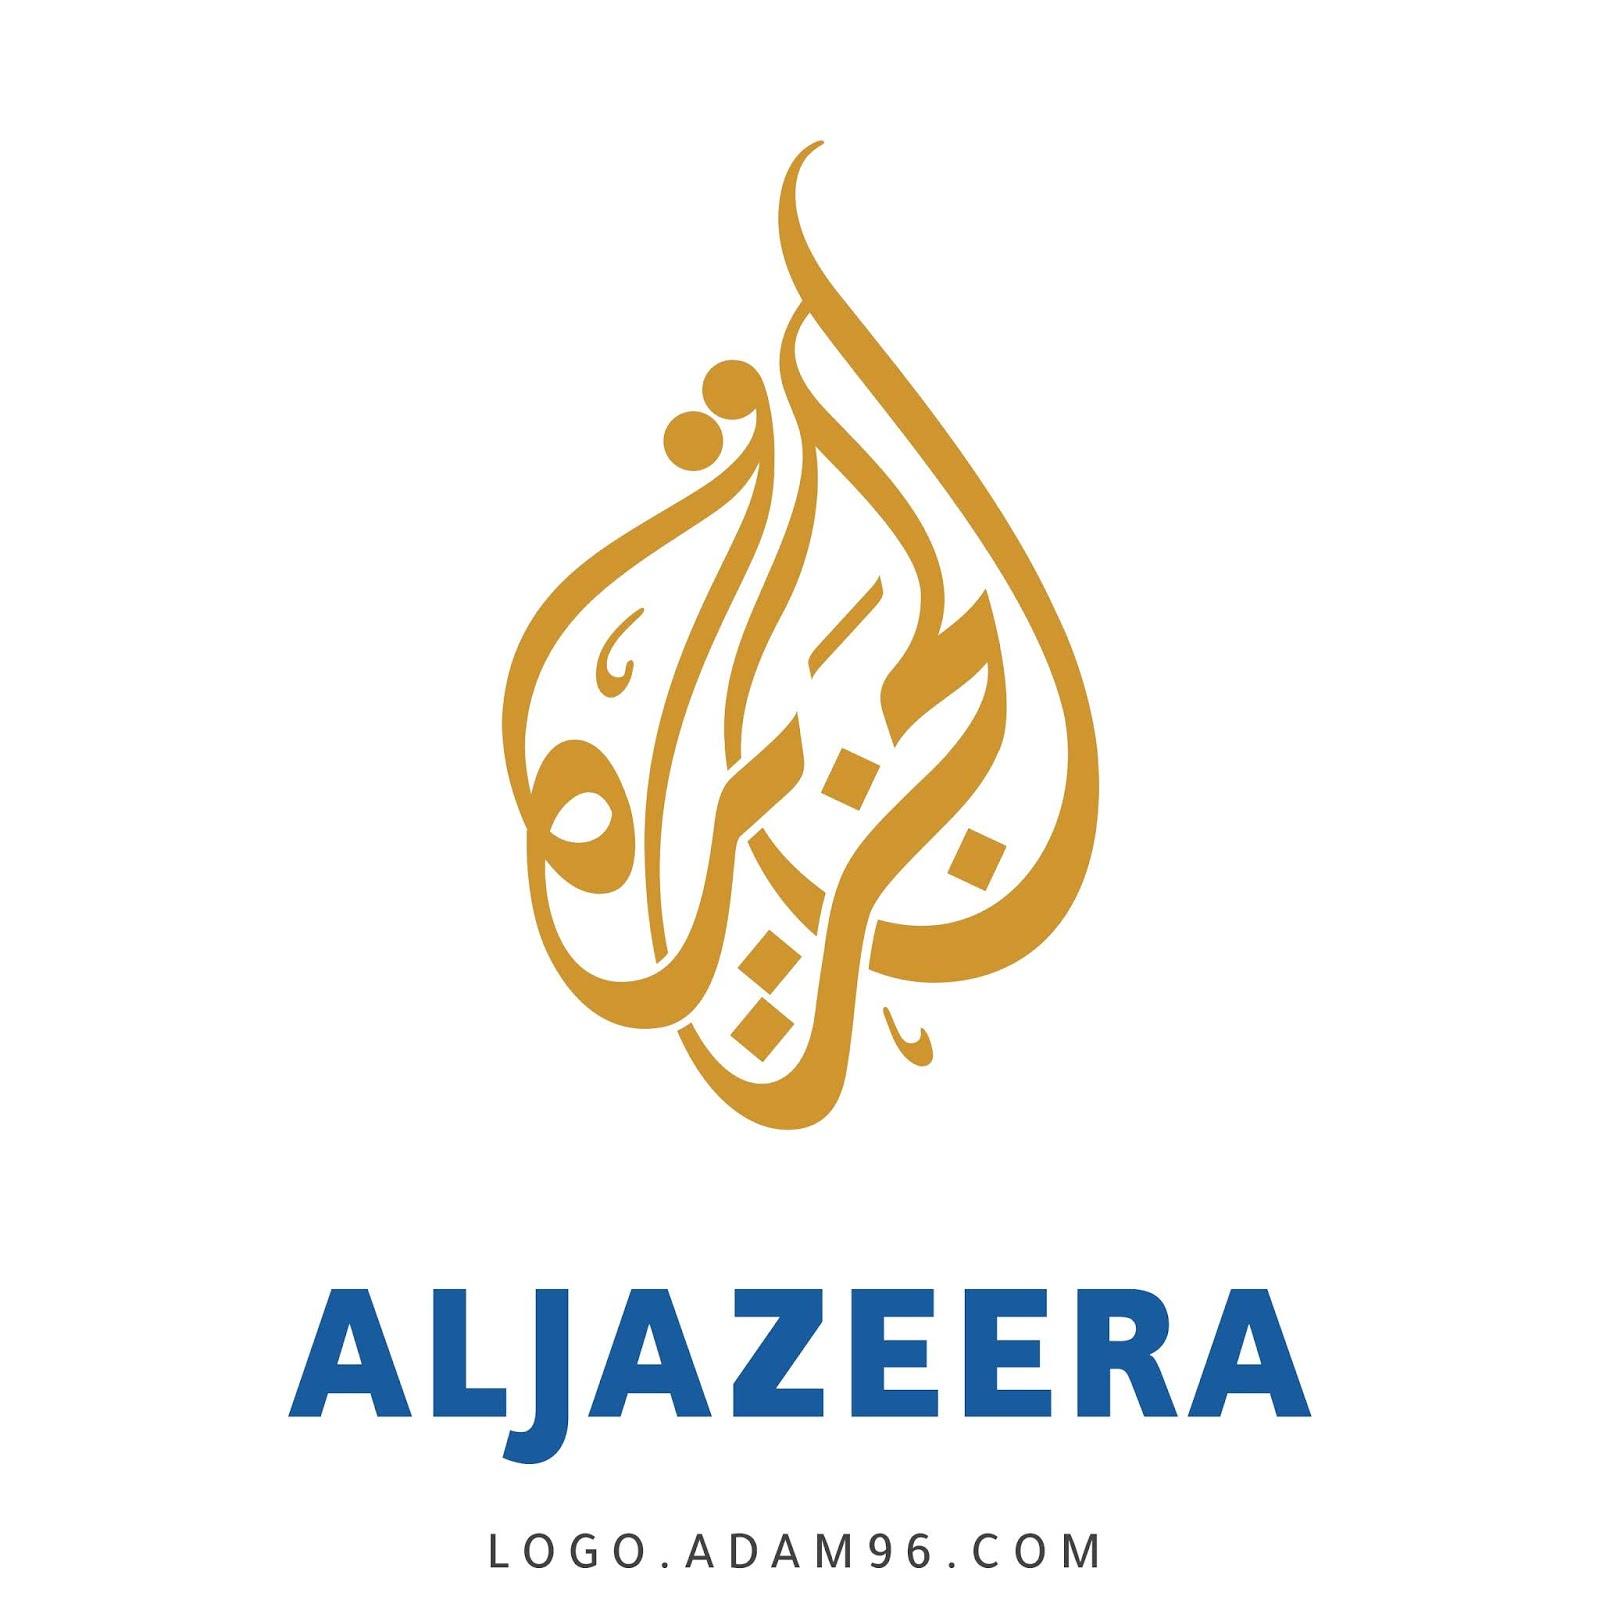 تحميل شعار الجزيرة بجودة عالية | aljazeera